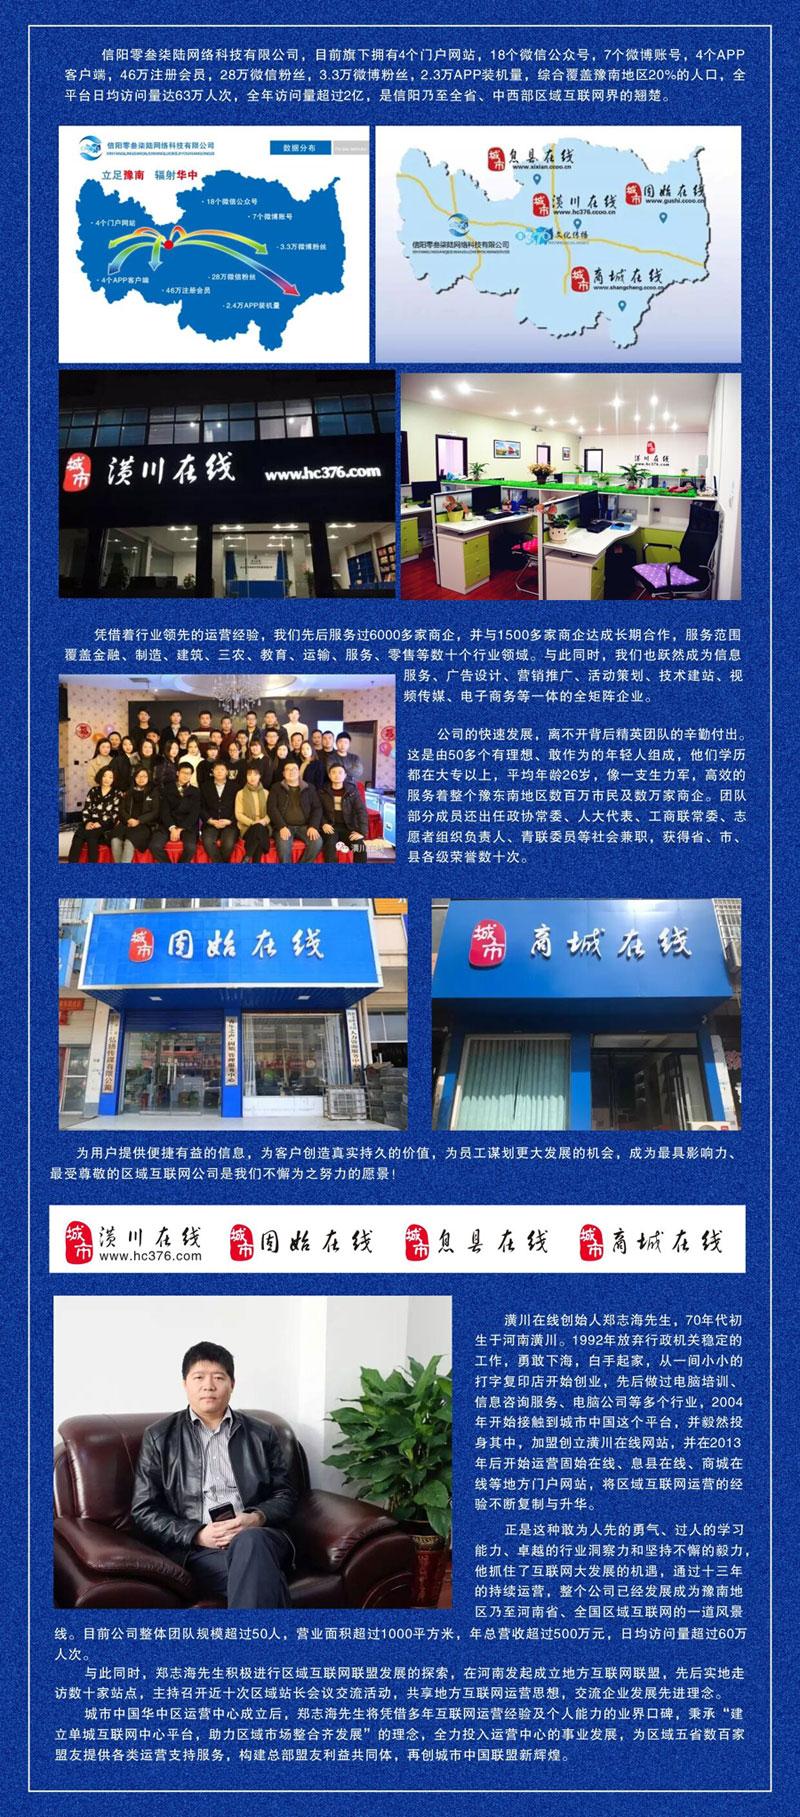 祝贺城市中国华中区、西南区运营中心成立!